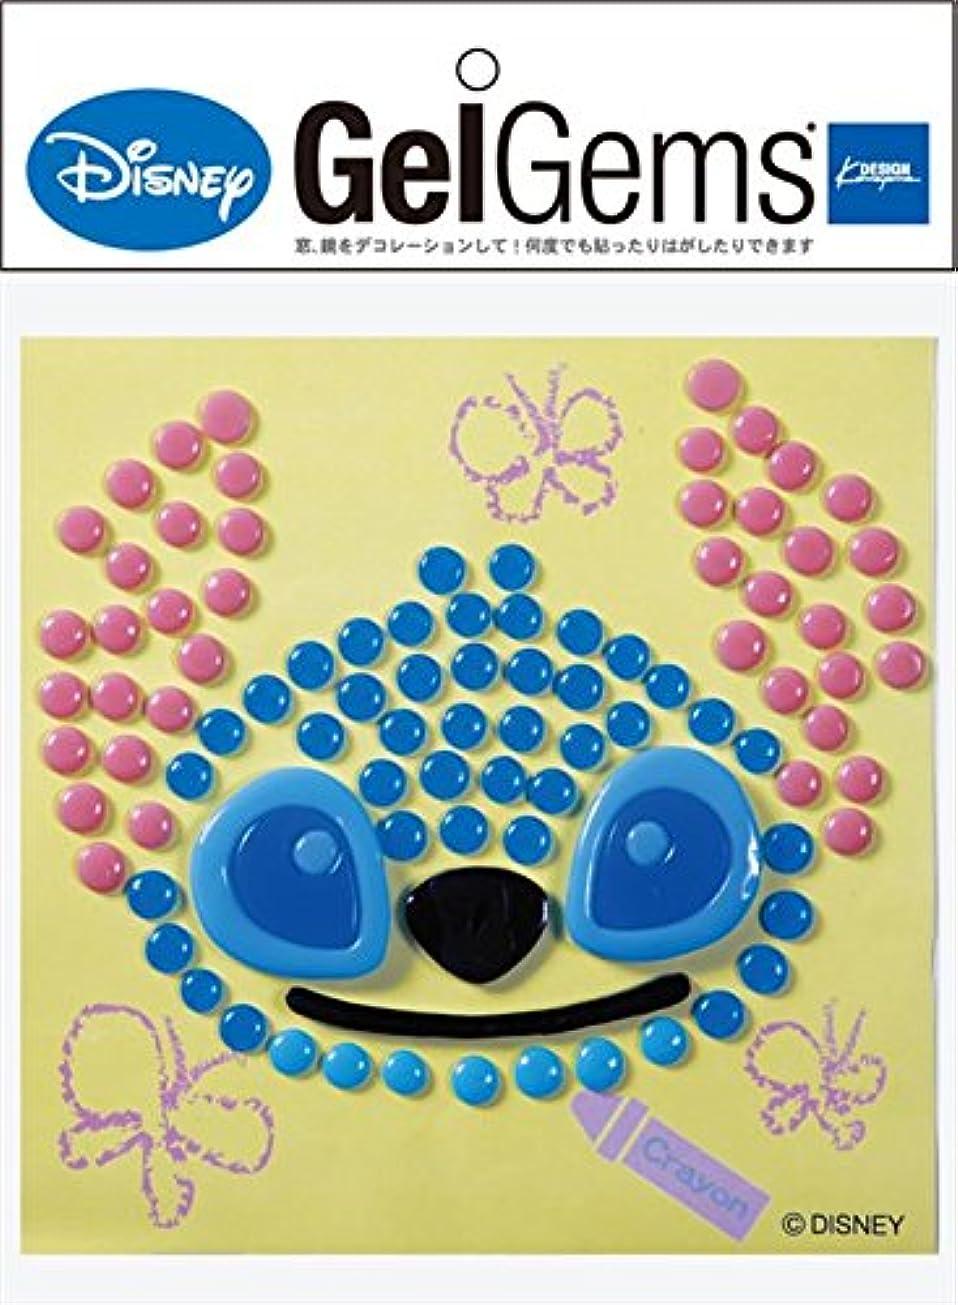 精査塊困惑するディズニー(Disney) ジェルジェムディズニーバッグS 「 スティッチドット 」 E1050055